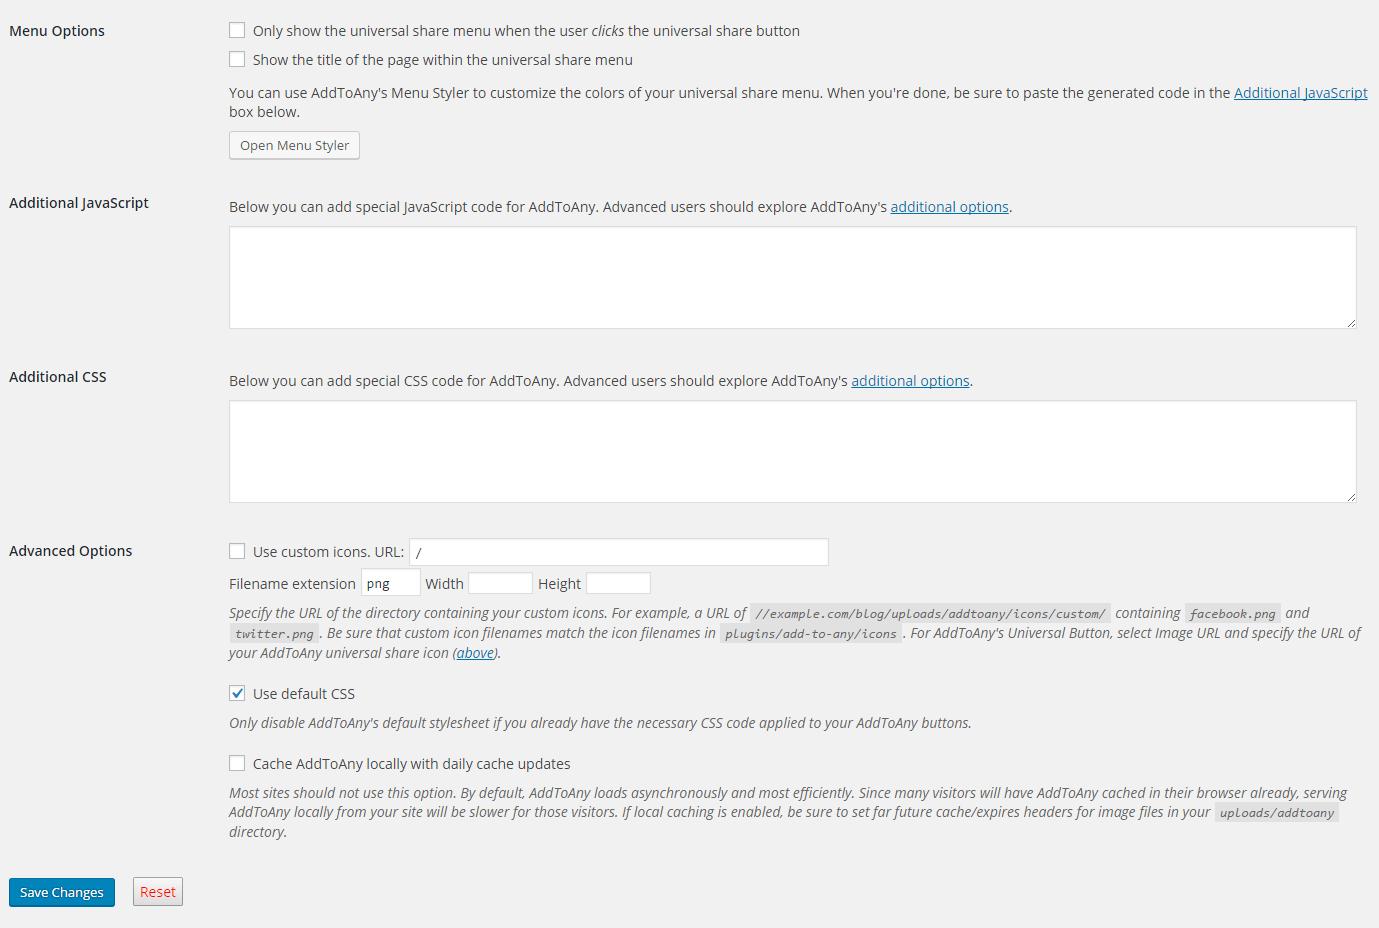 AddToAny advanced configuratons